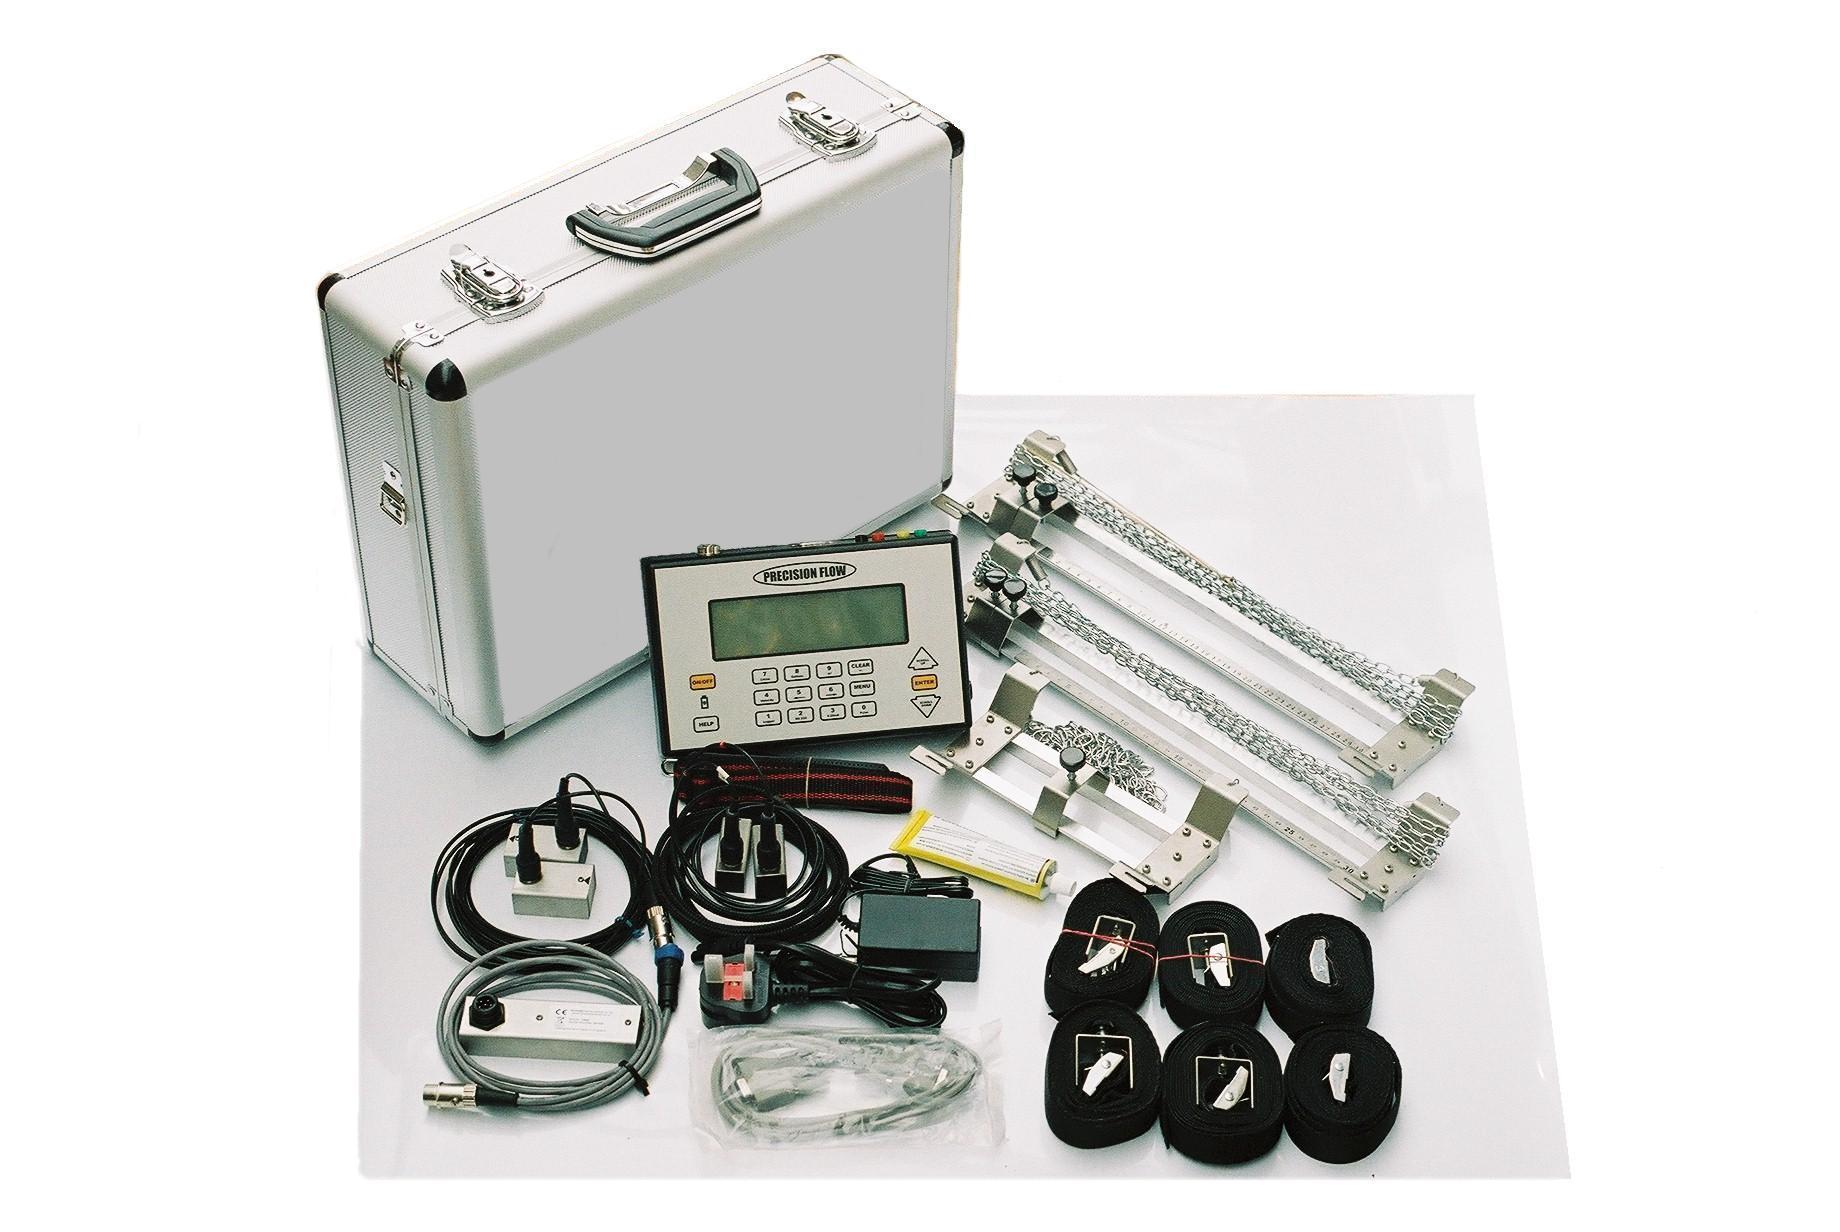 190PDE Heat Meter Hire Unit